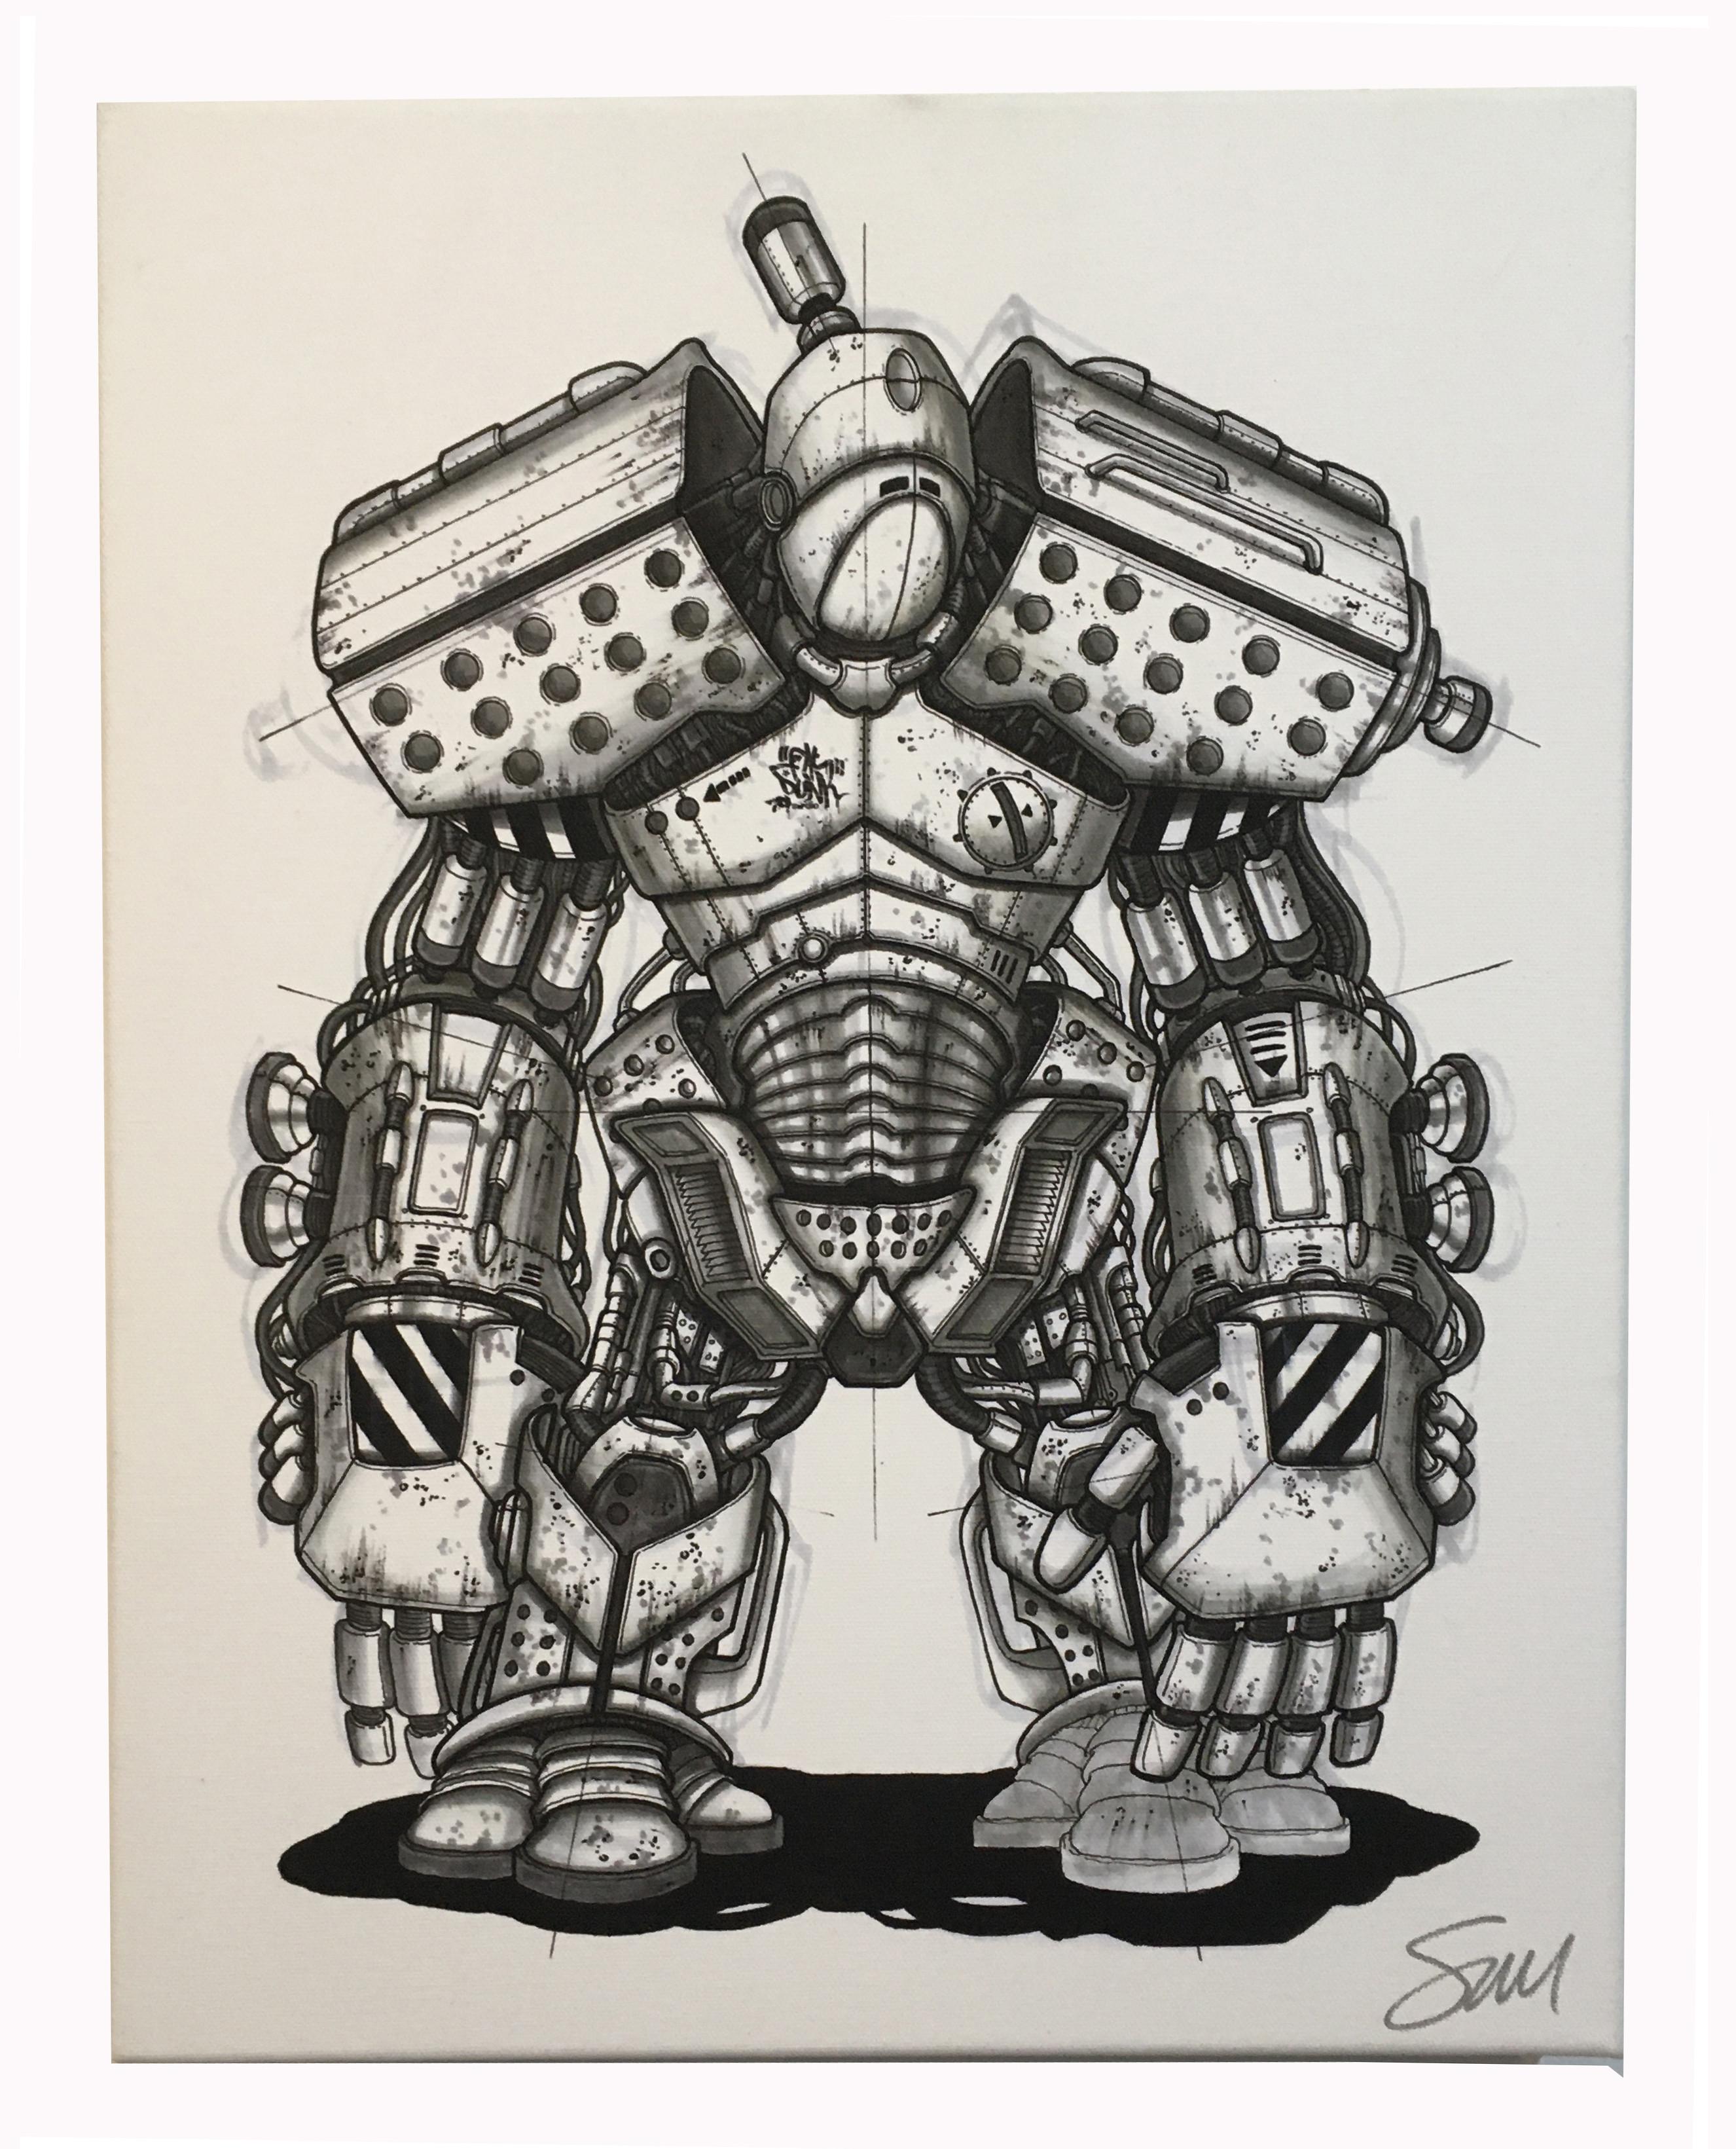 FPS - ROBOT SKETCH CANVAS (LARGE)